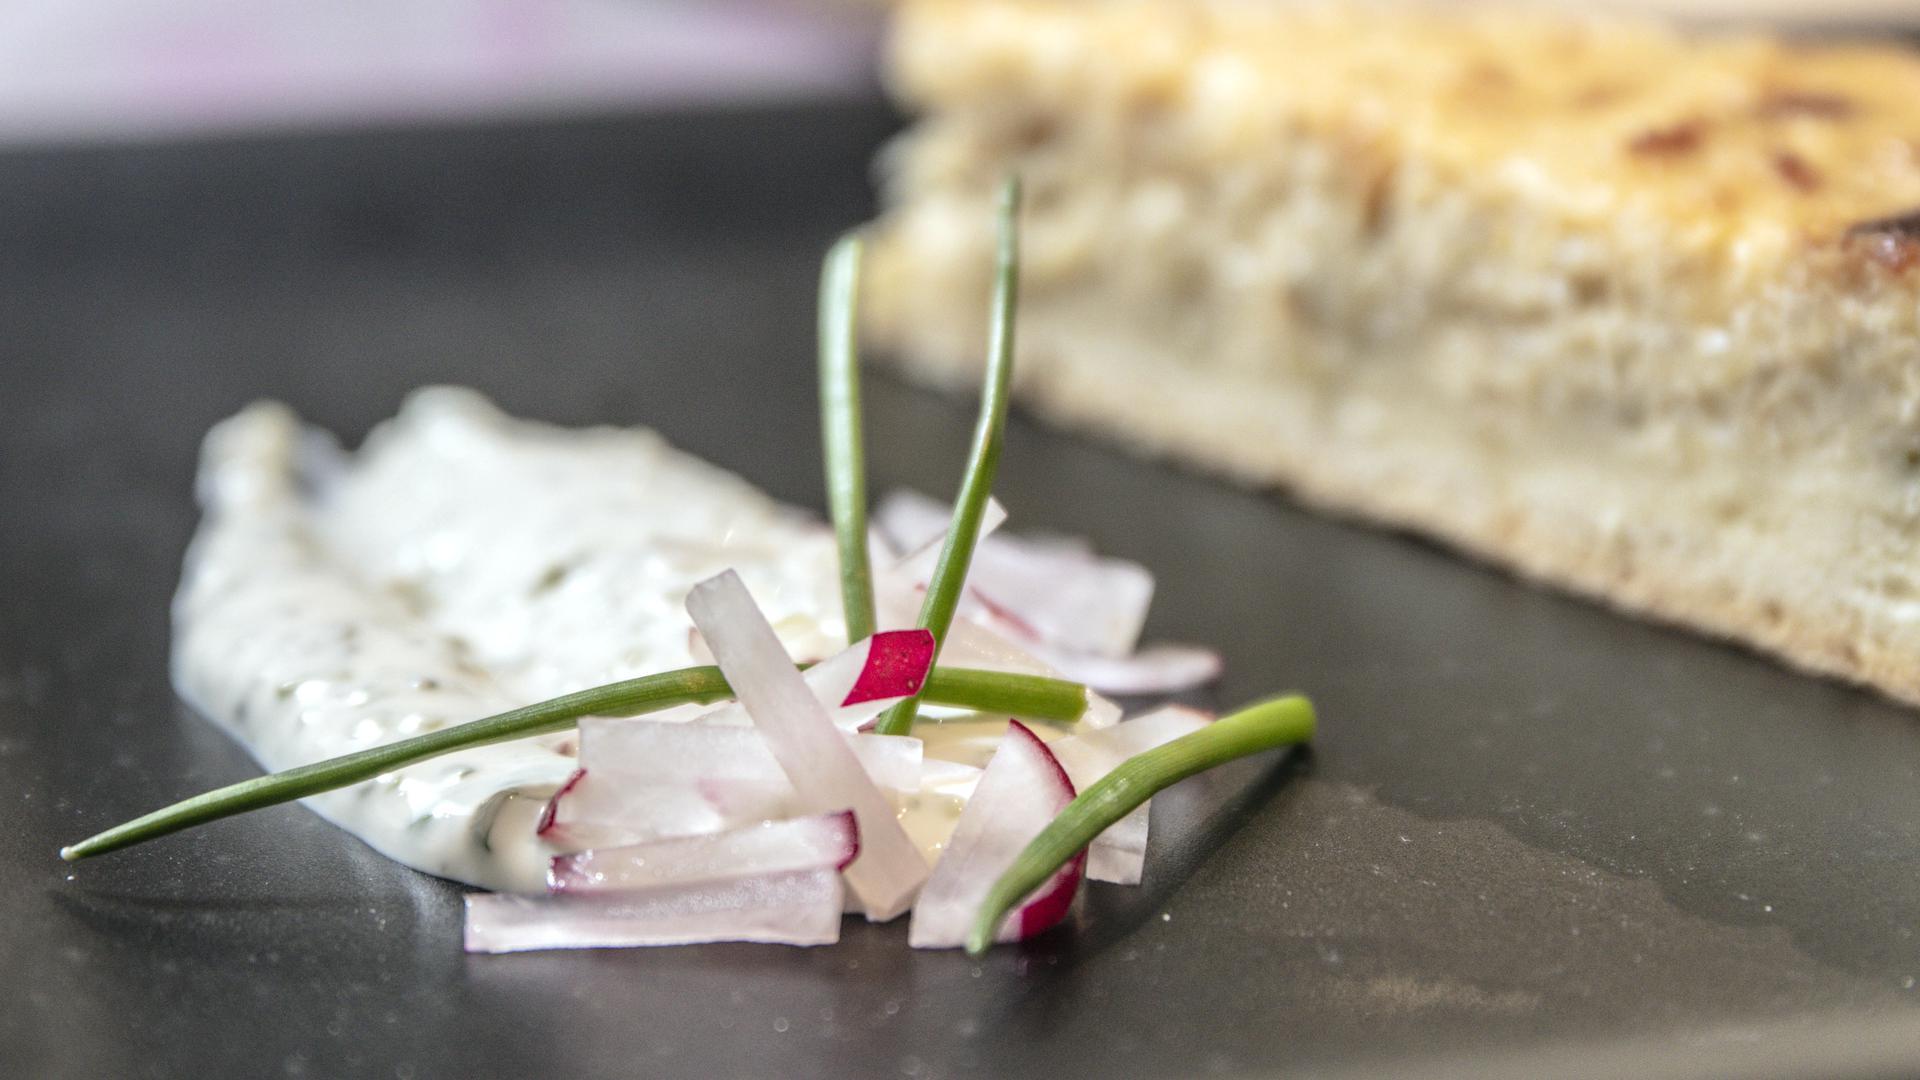 Ein Stück Quiche mit dazugehörigem Dip liegt auf einem Teller.